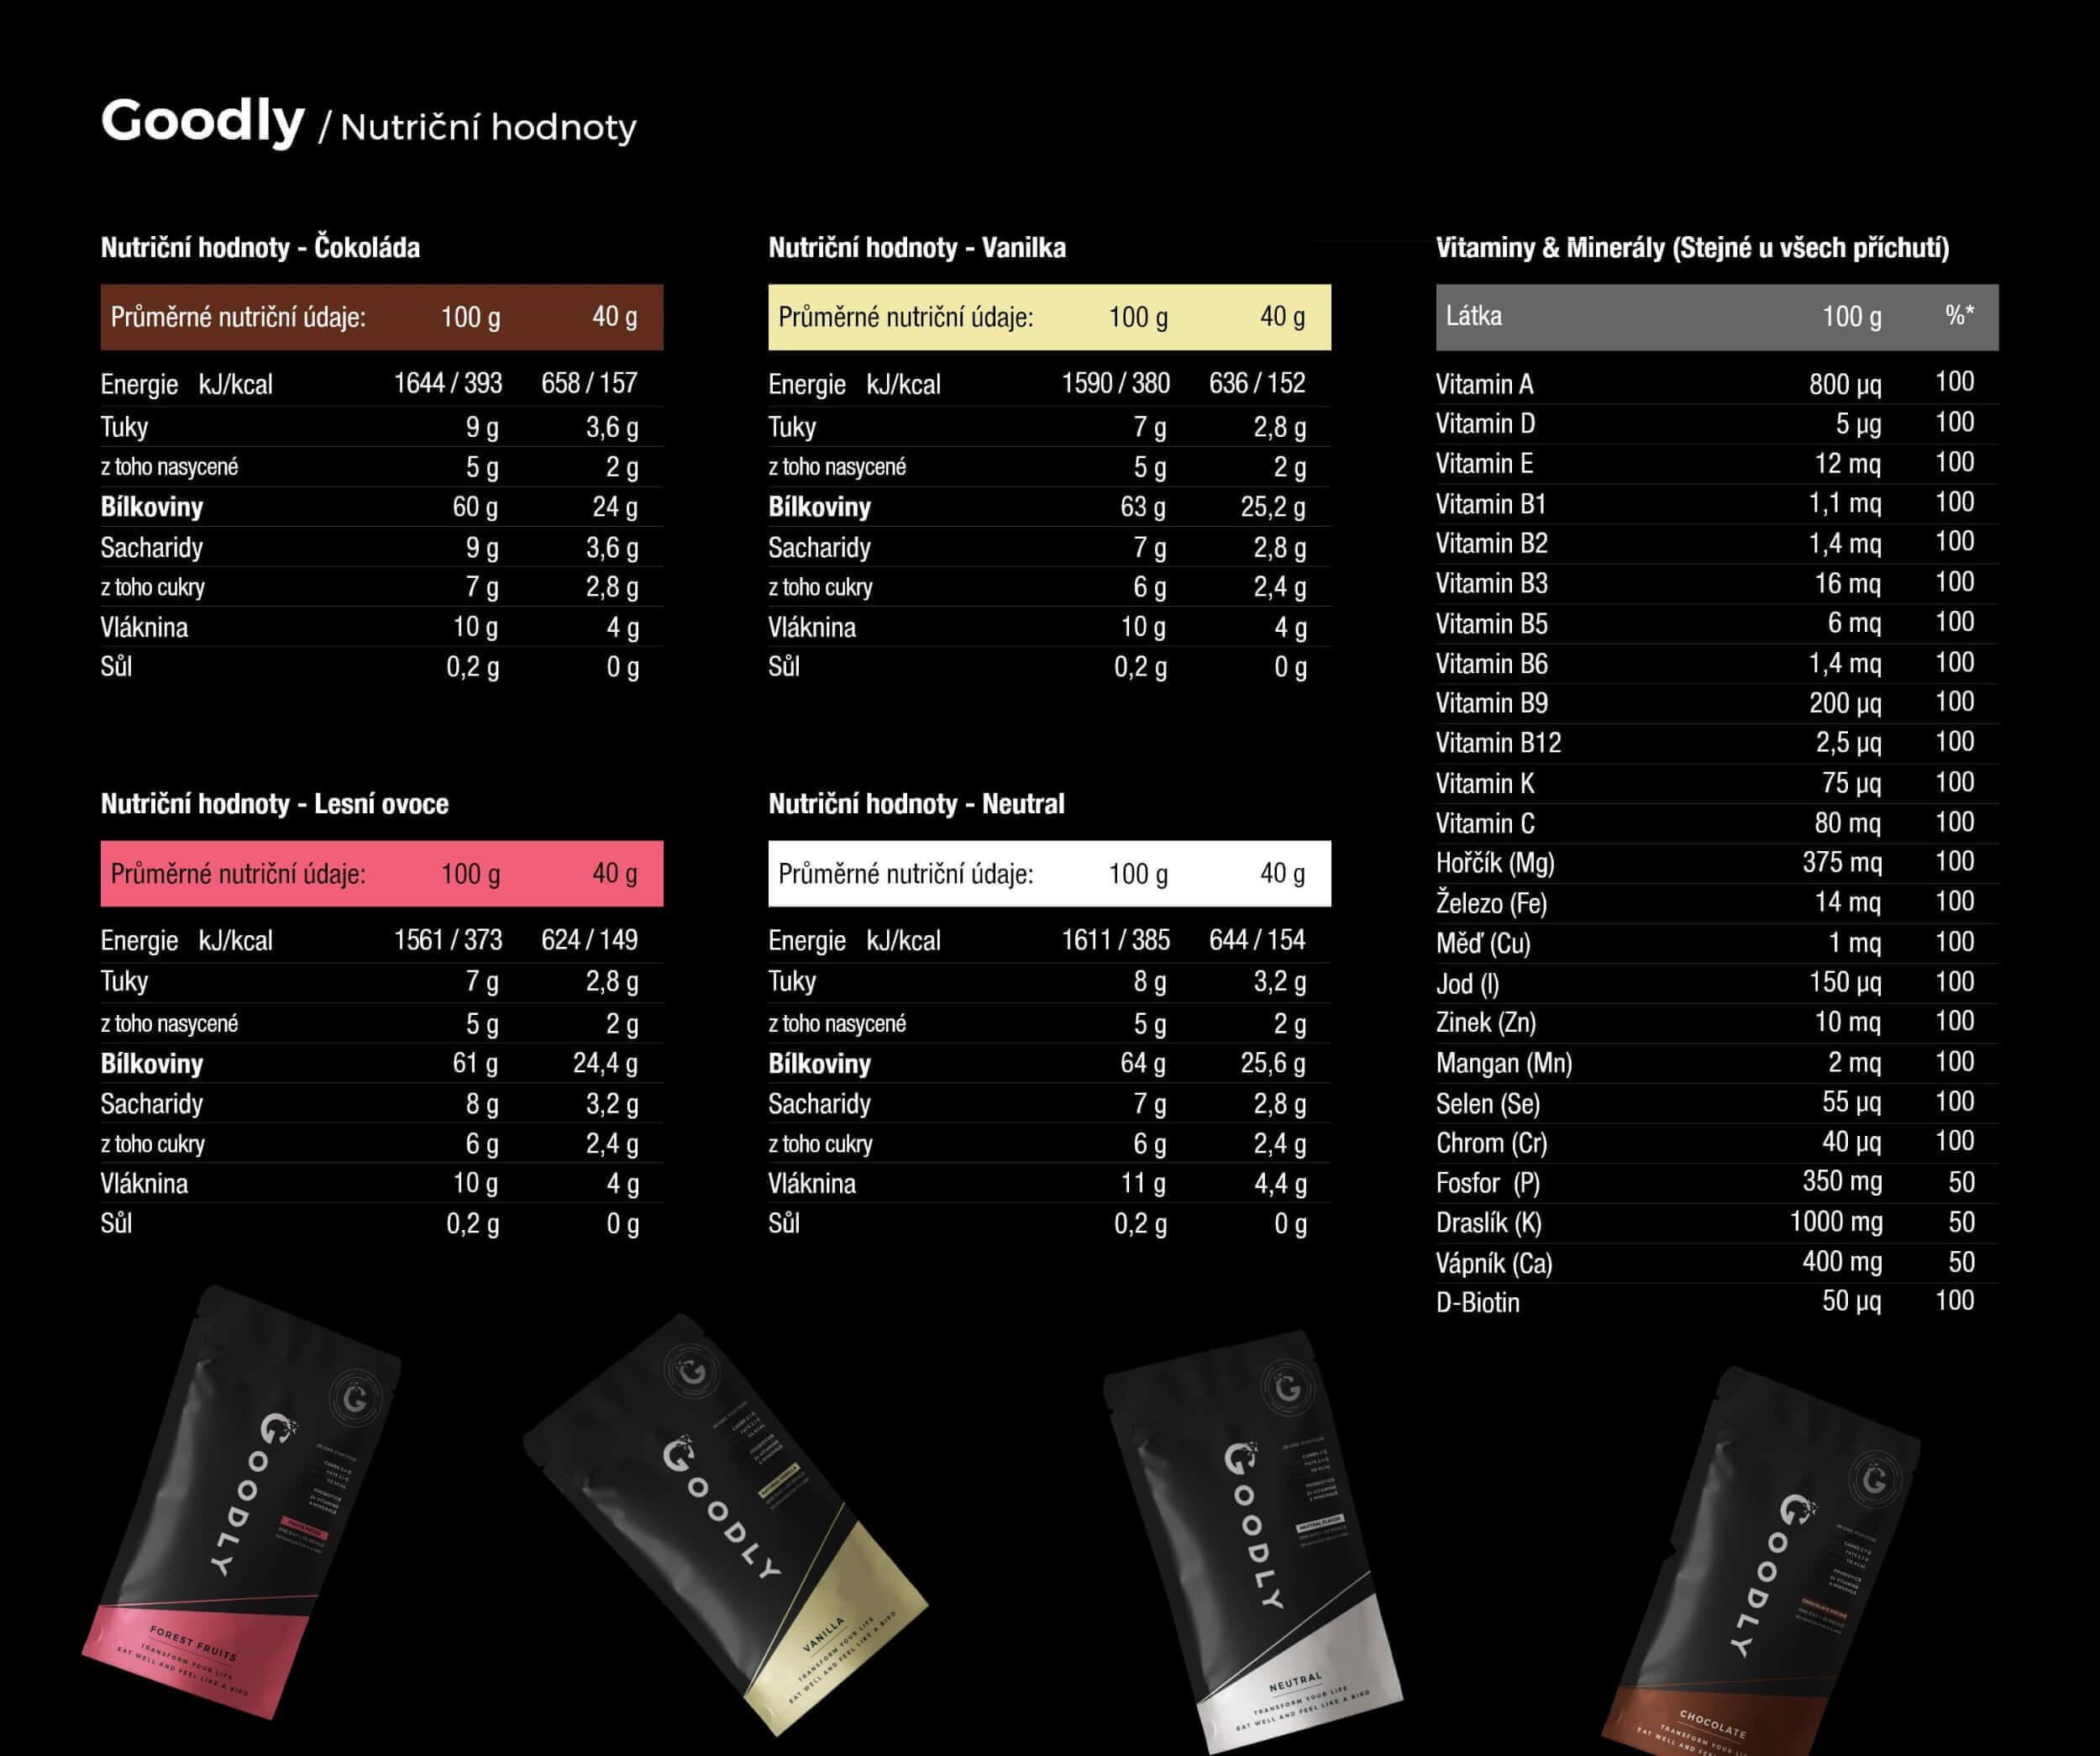 Nutriční hodnoty výrobků Goodly